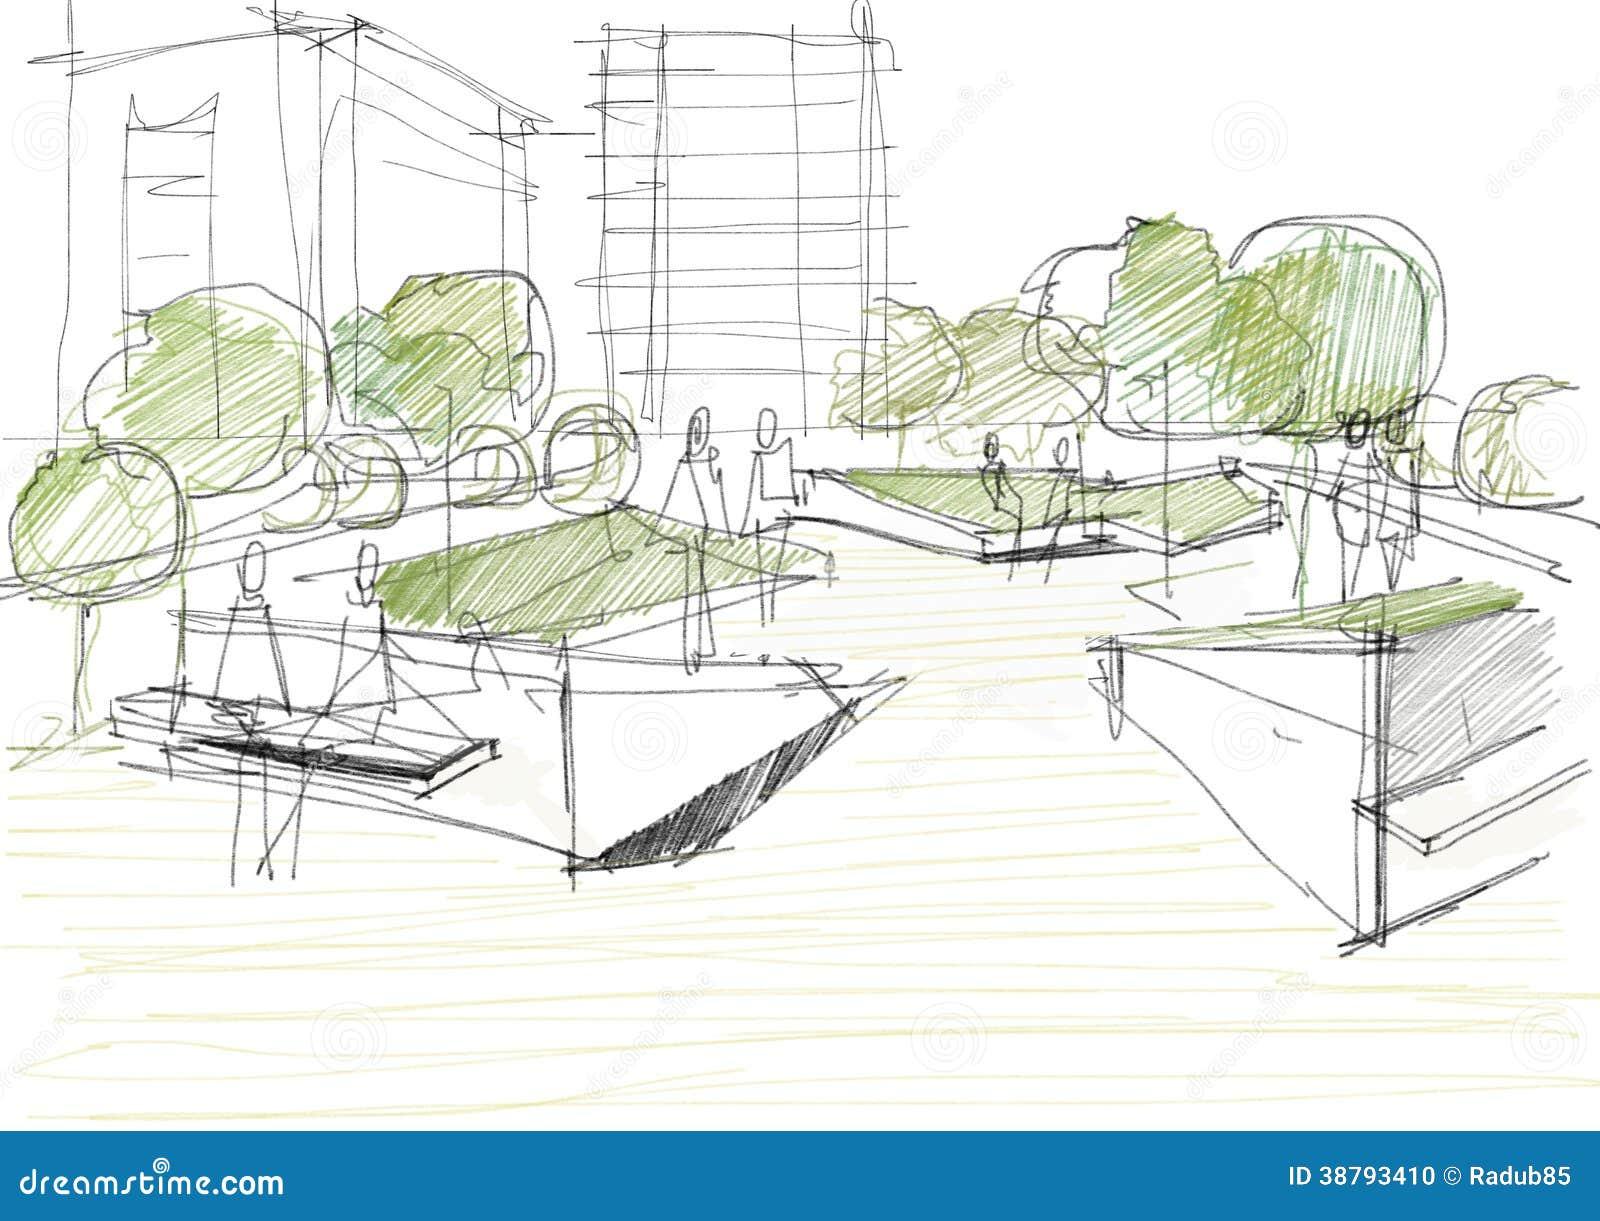 Αρχιτεκτονικό σκίτσο του δημόσιου πάρκου